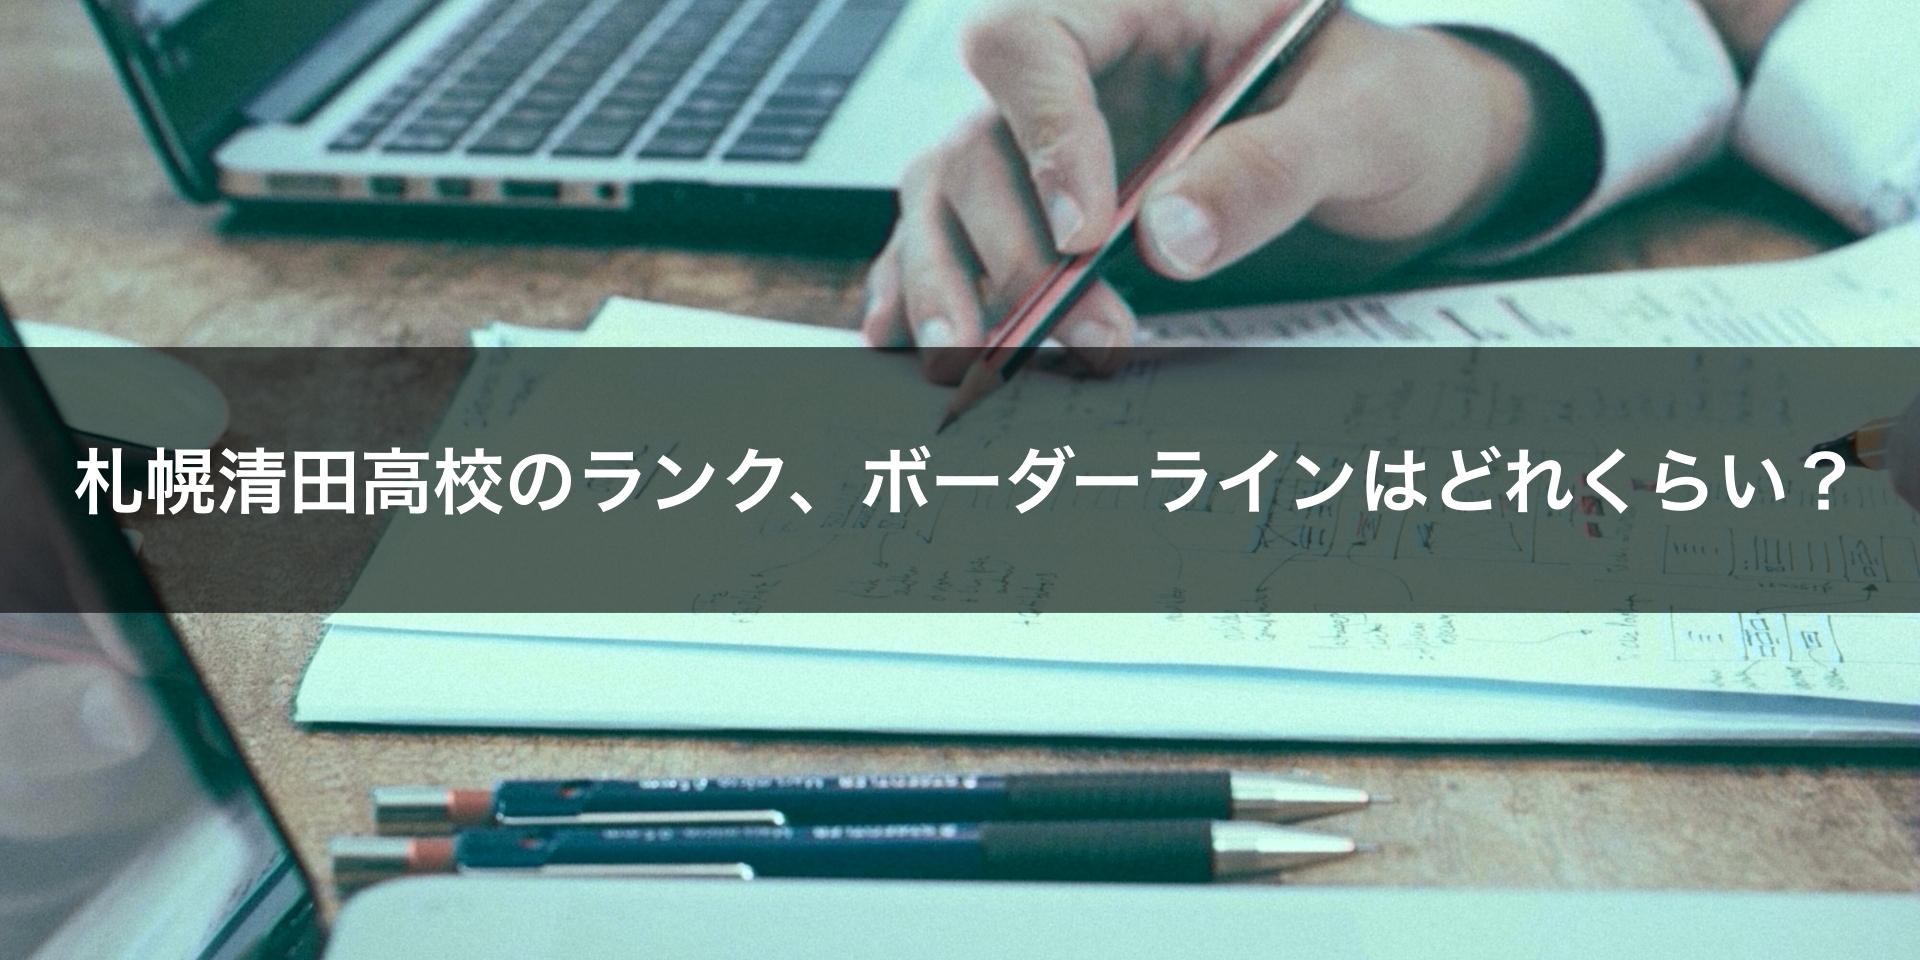 札幌清田高校のランク、ボーダーラインはどれくらい?